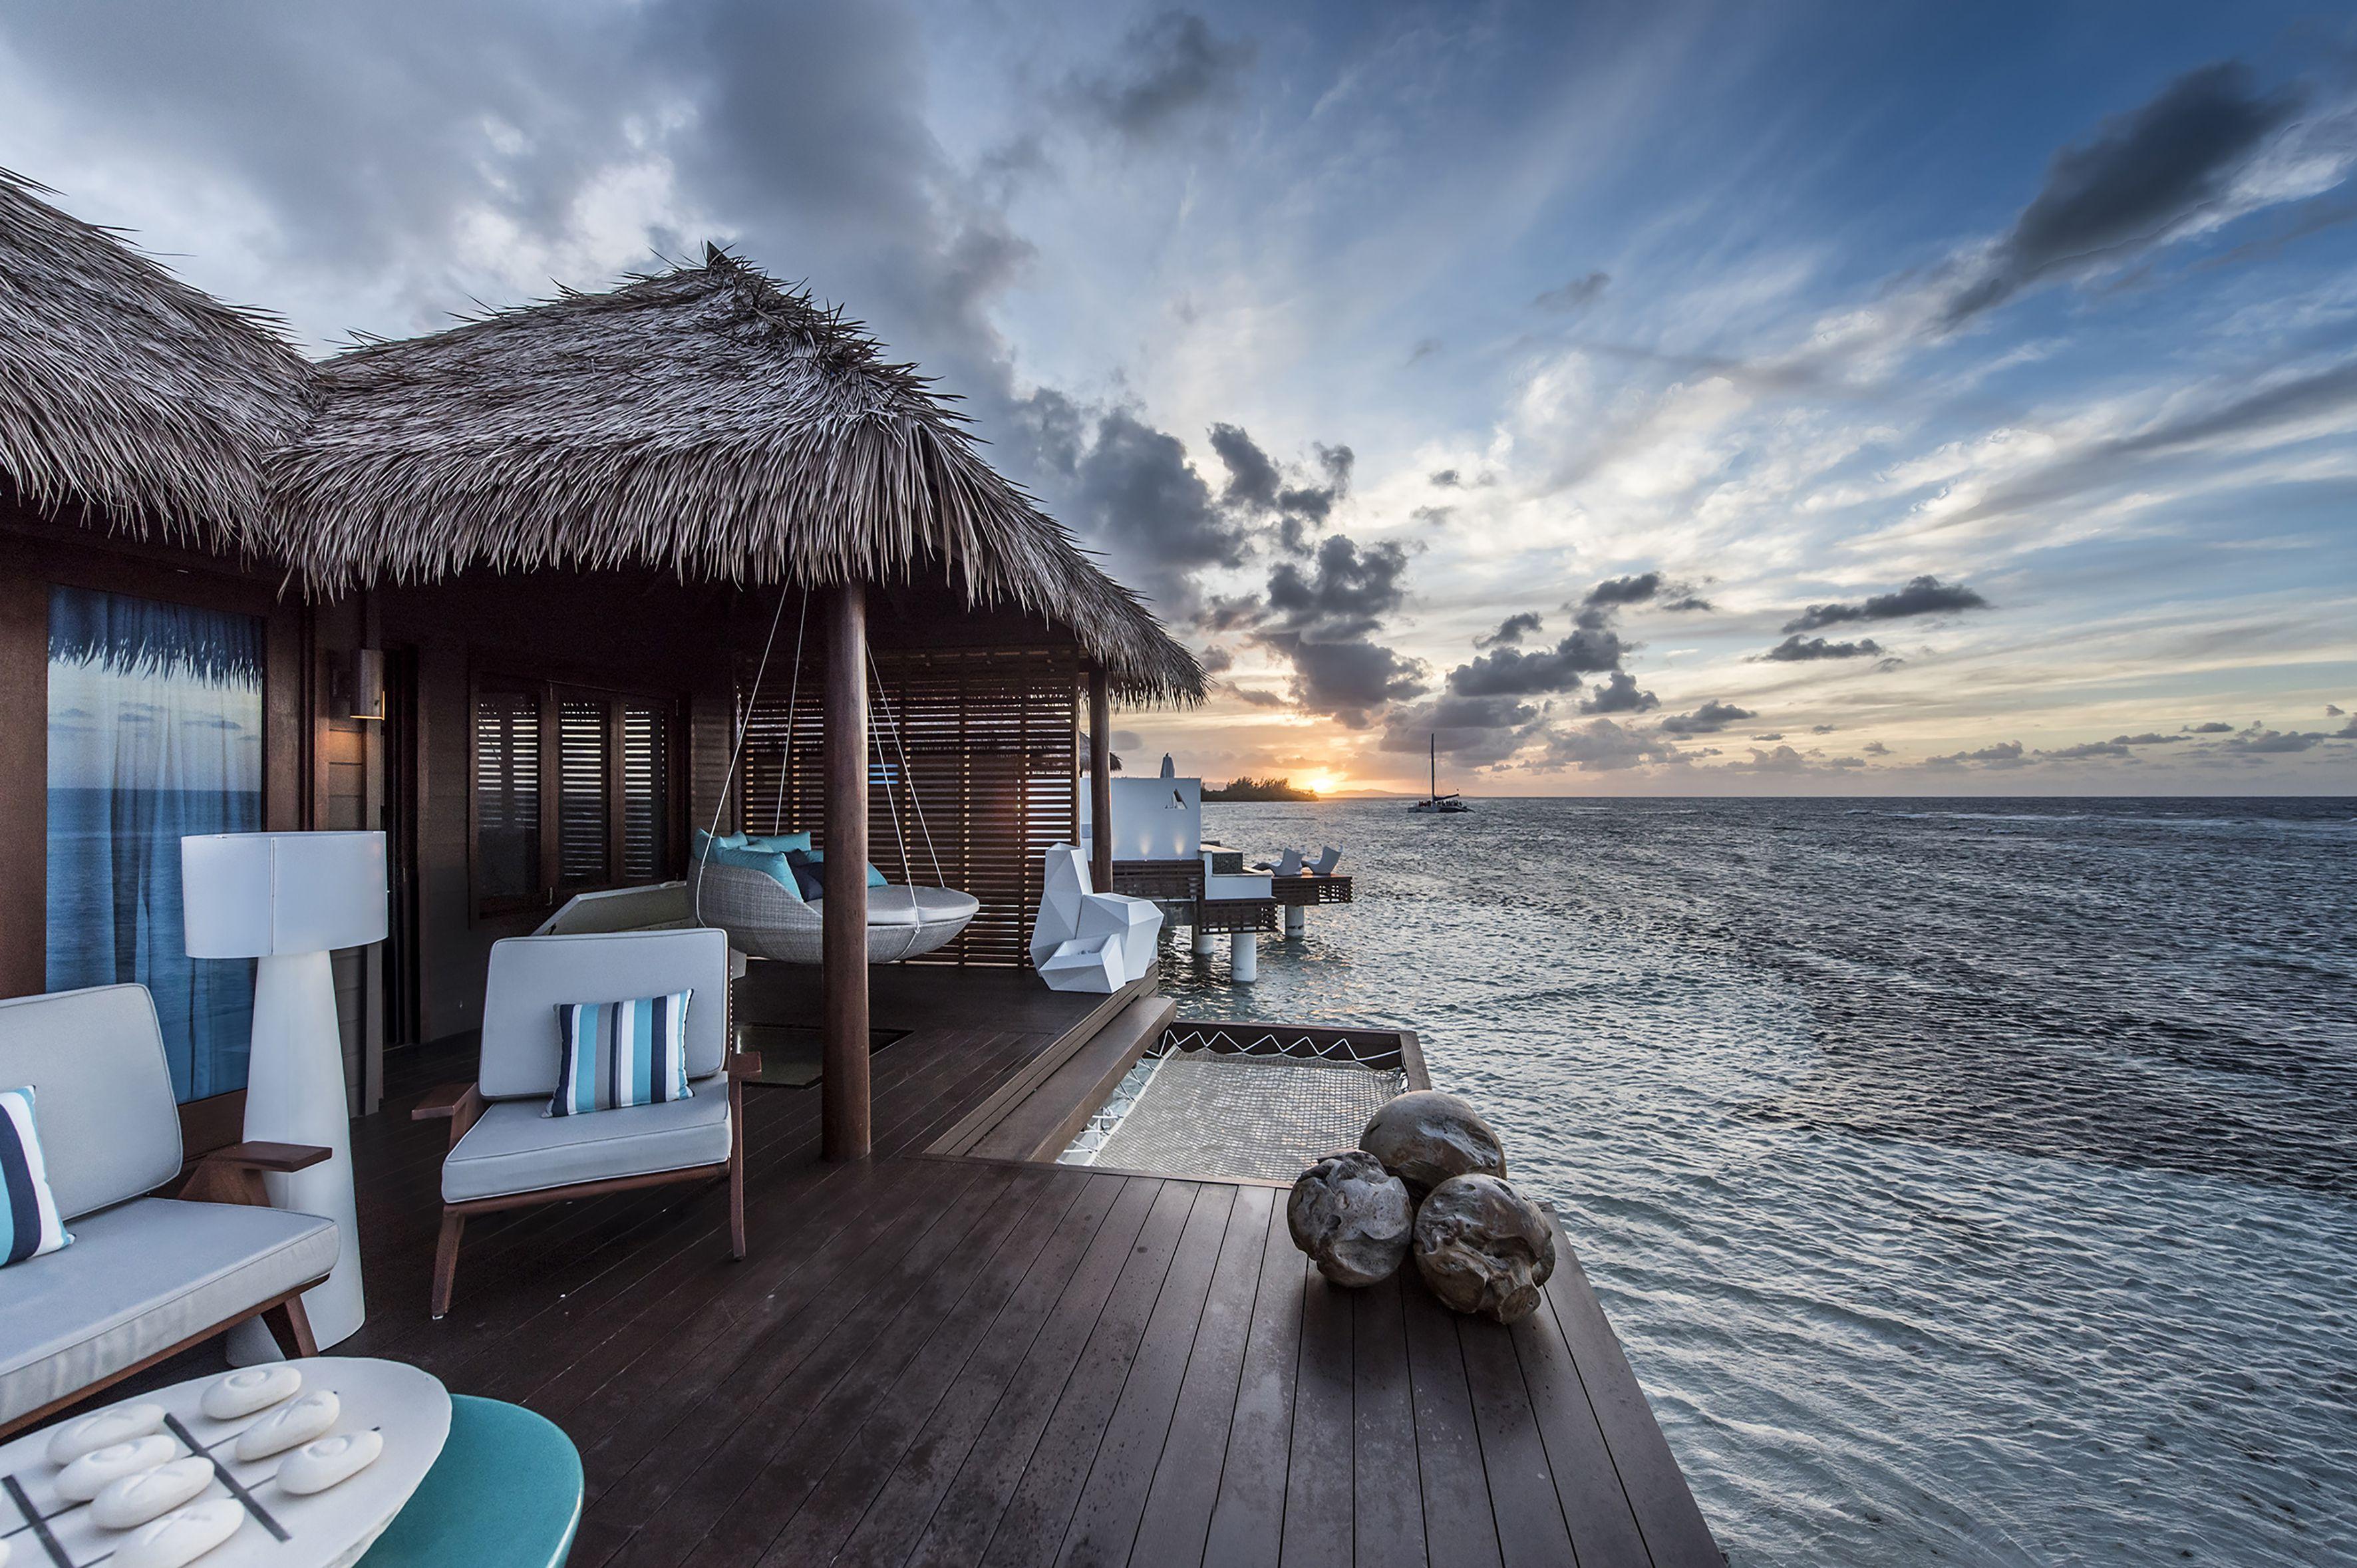 Exterior deck of Sandals overwater villas